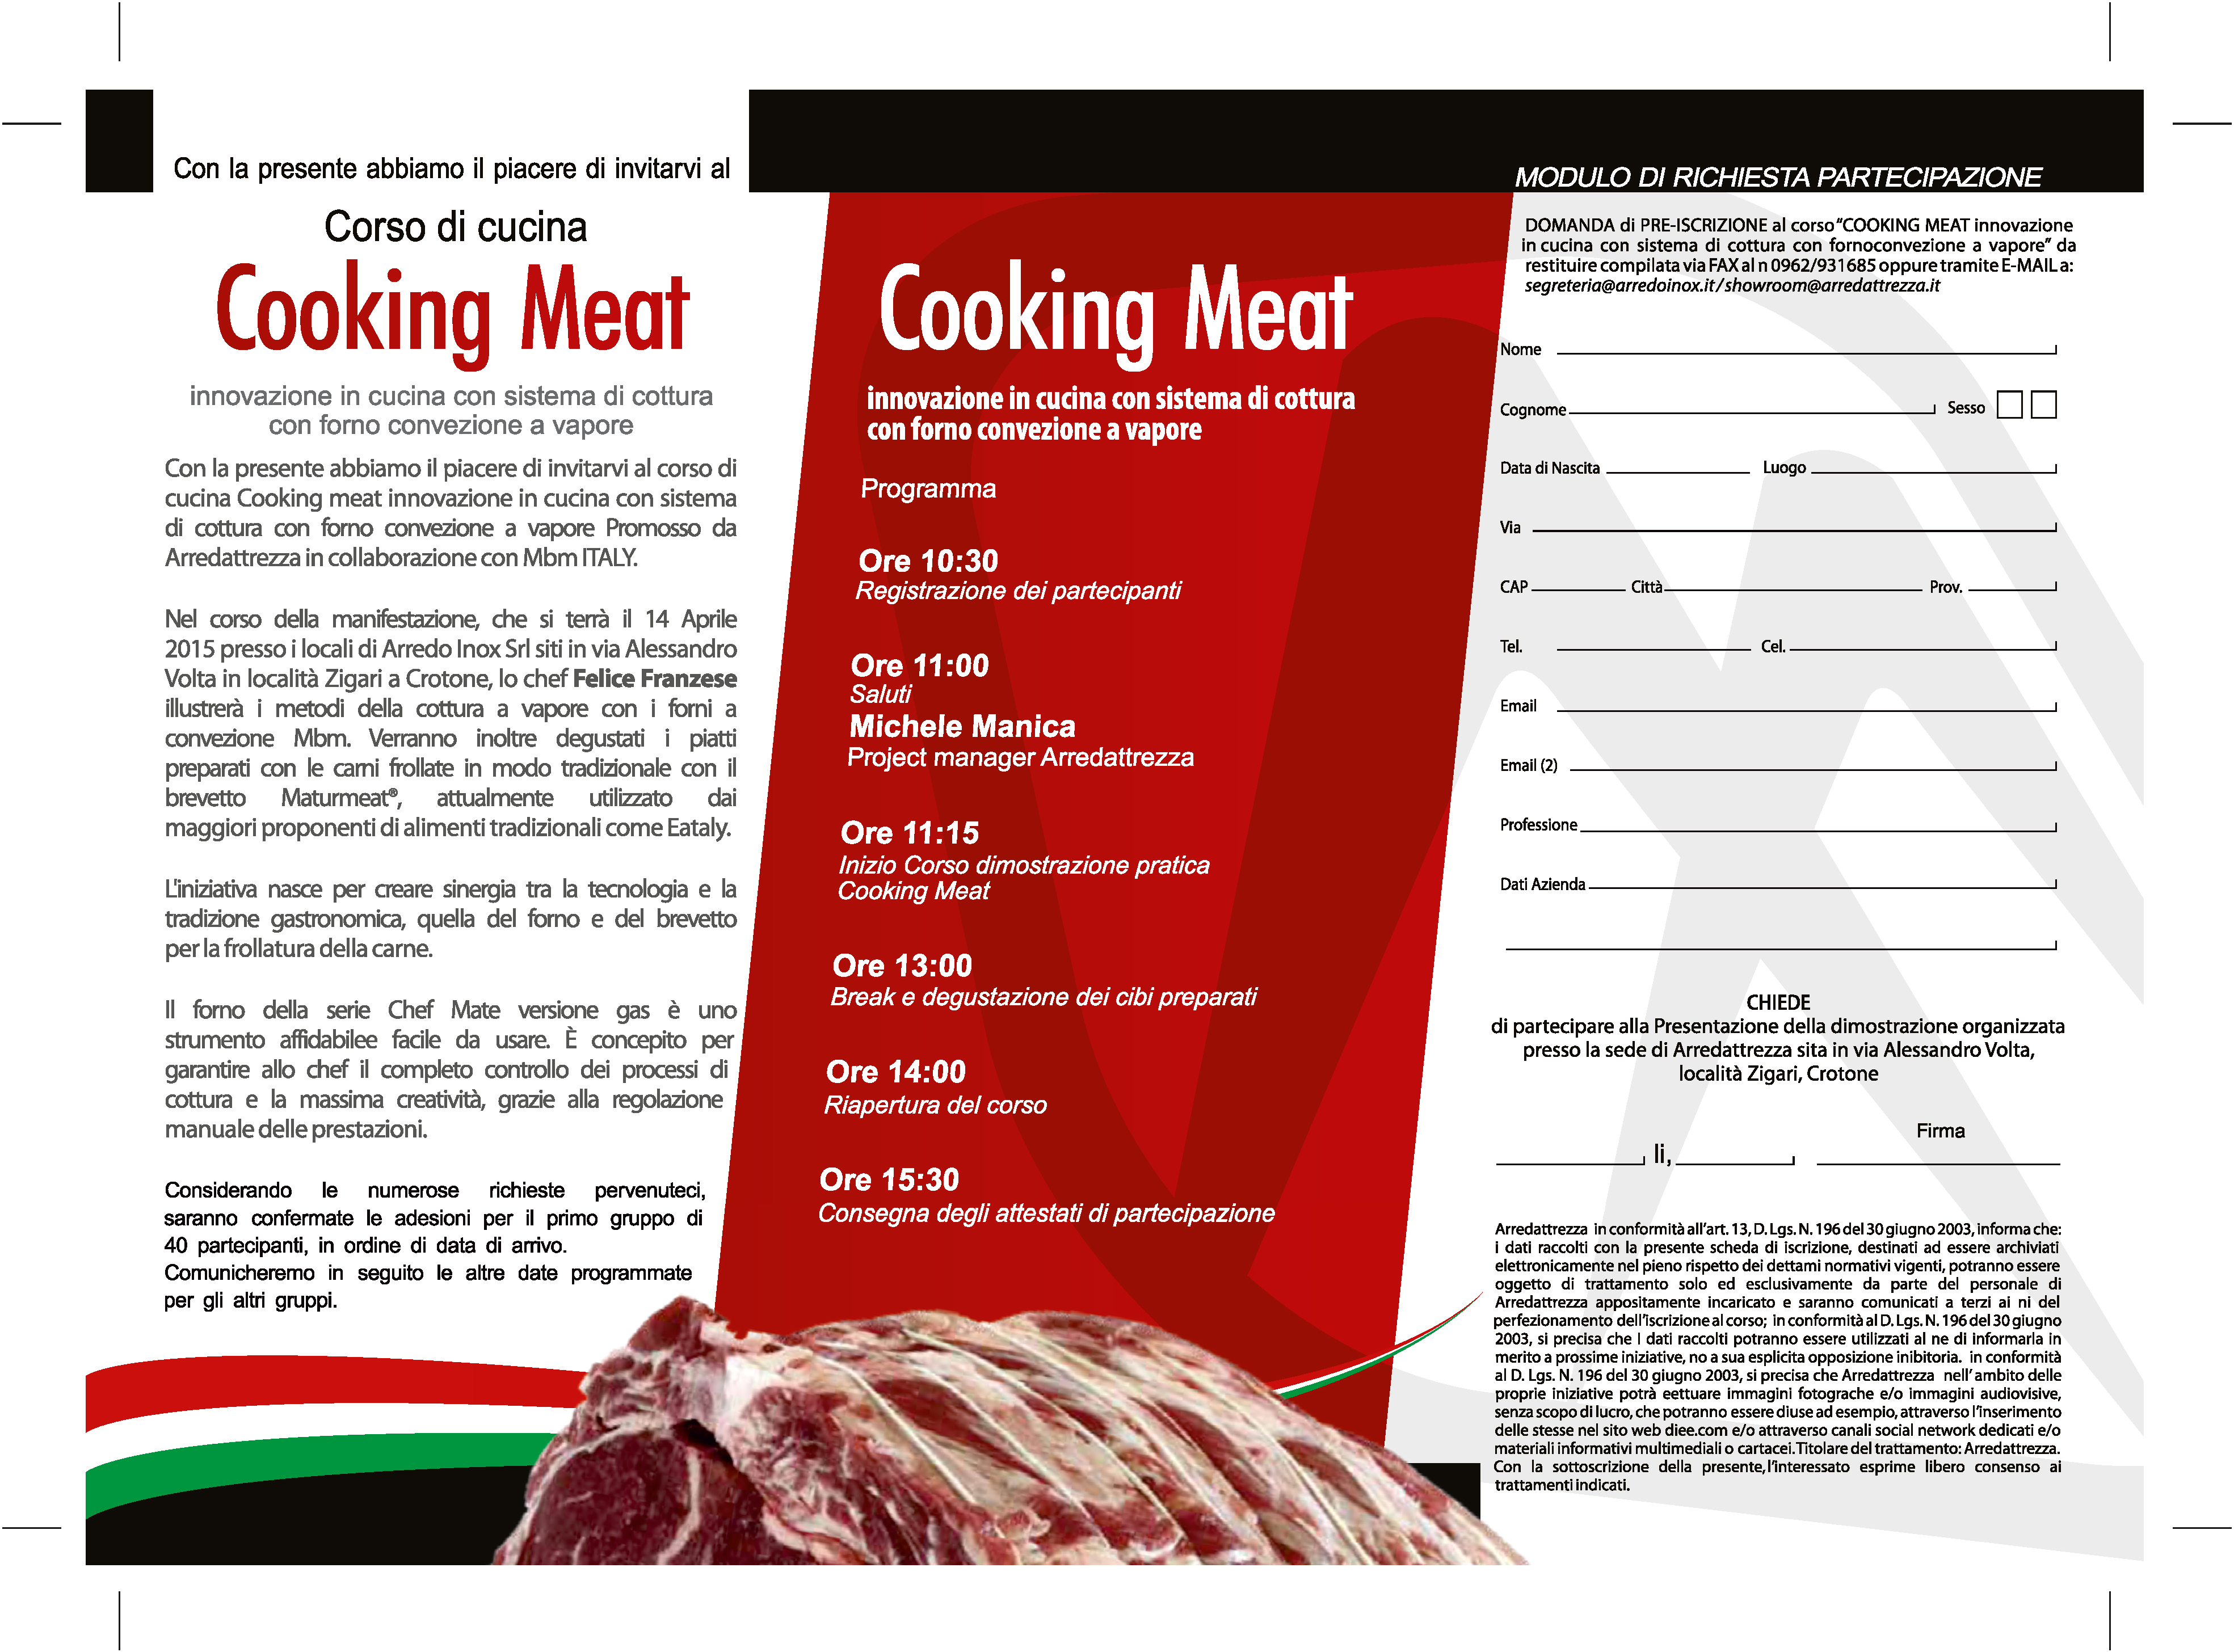 Arredattrezza corso cooking meat aprile 2015 for Arredo inox crotone